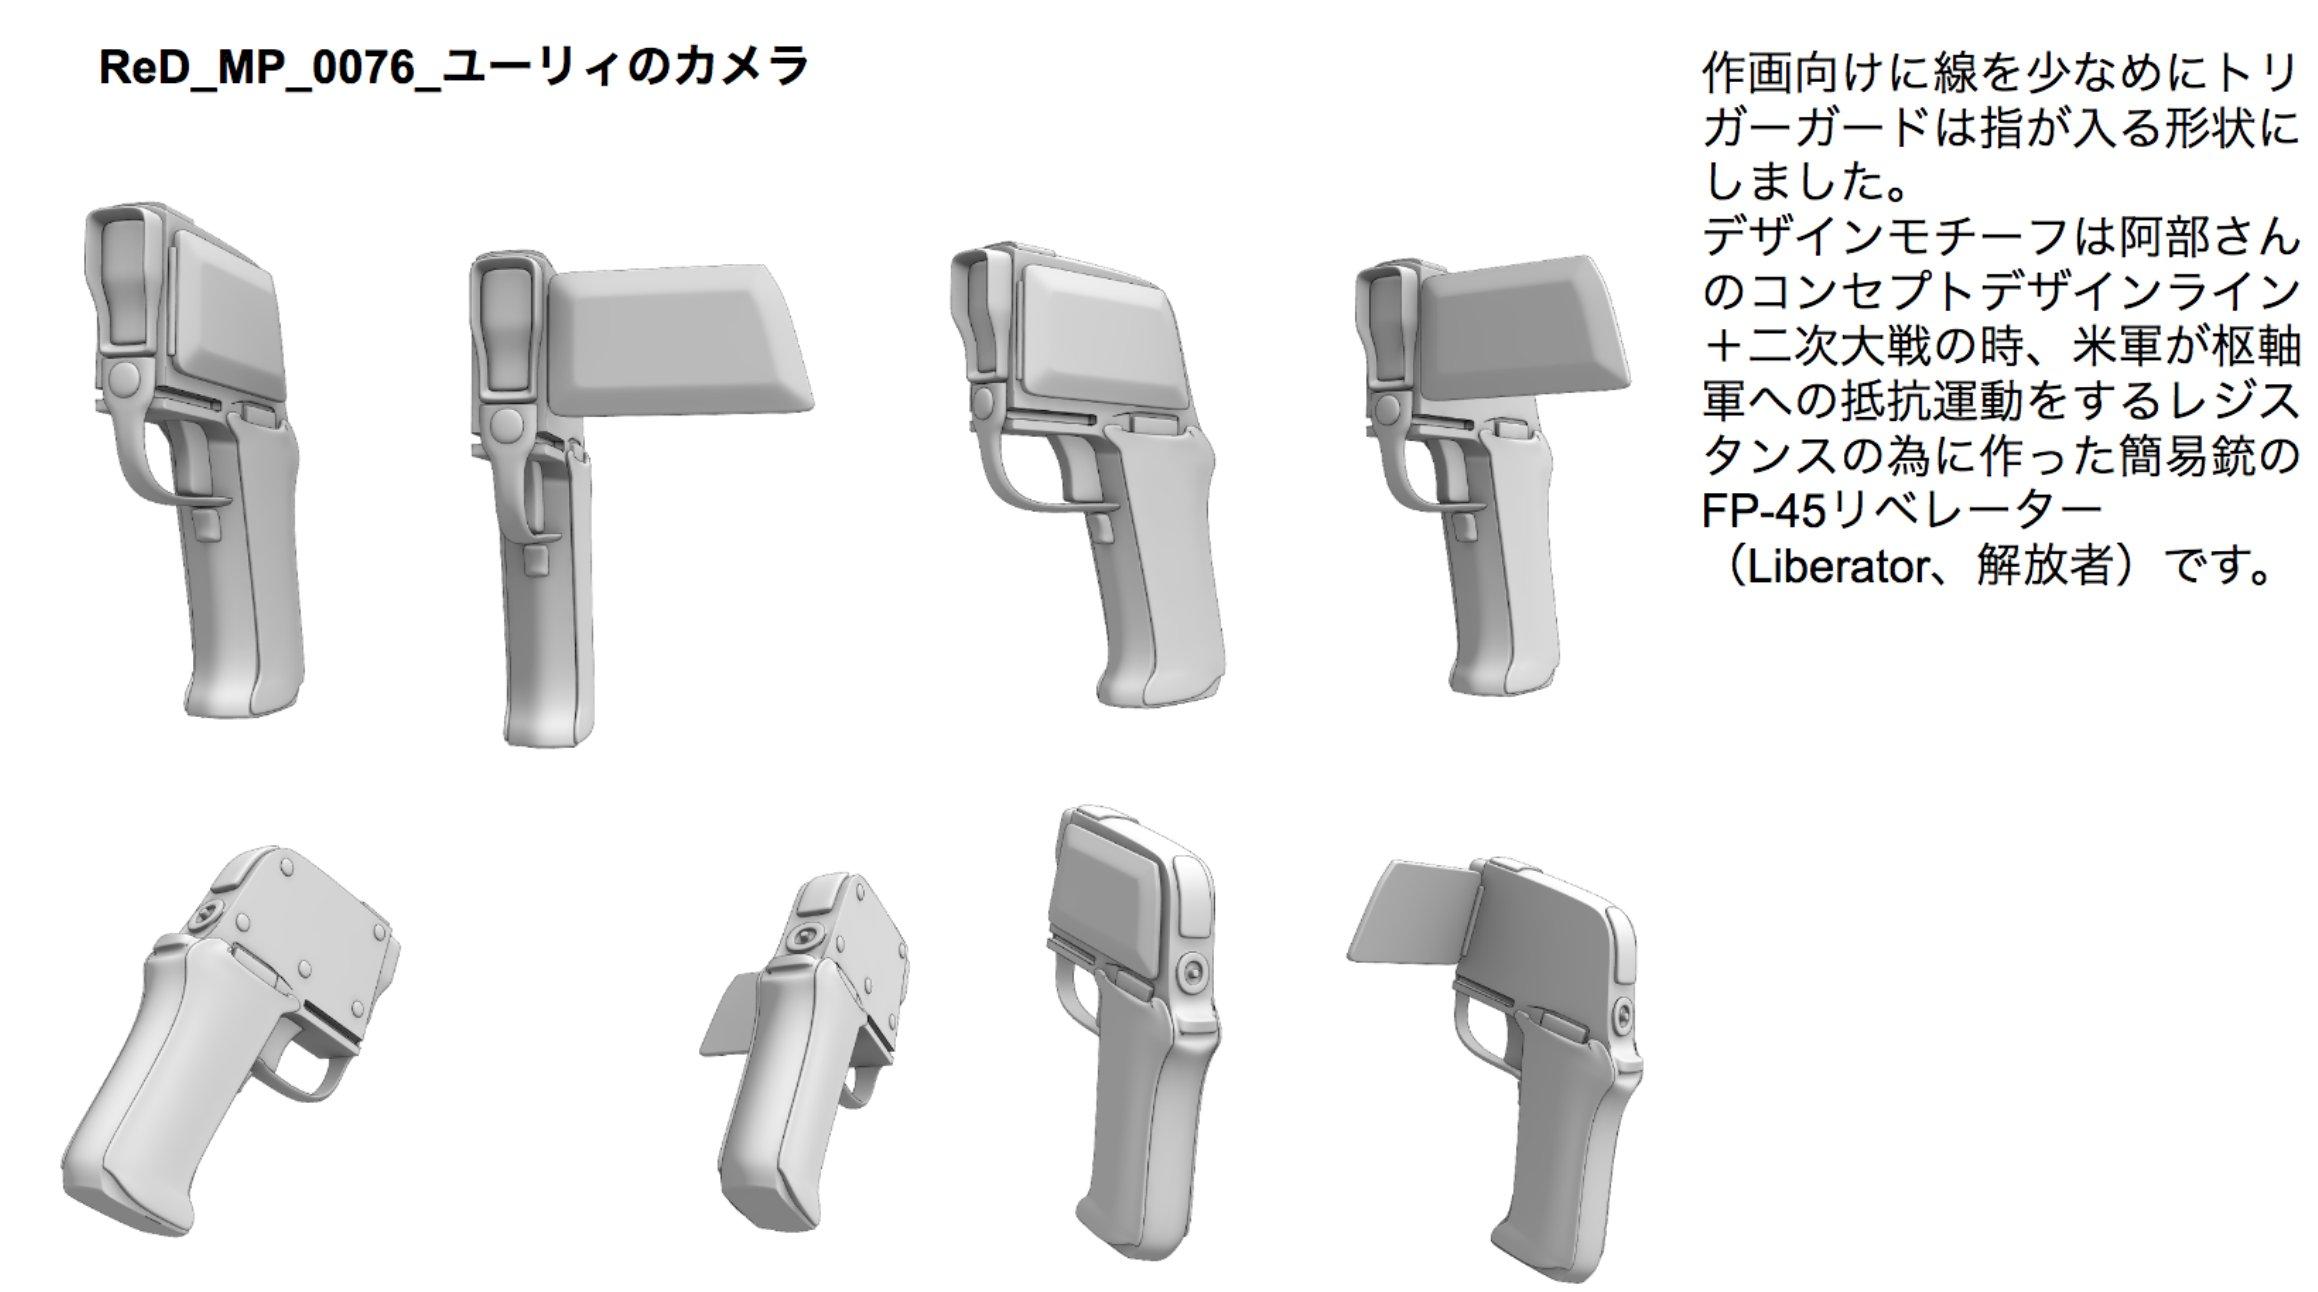 图5-3 Yuri 的手持摄像机设计图,我还挺喜欢这个造型